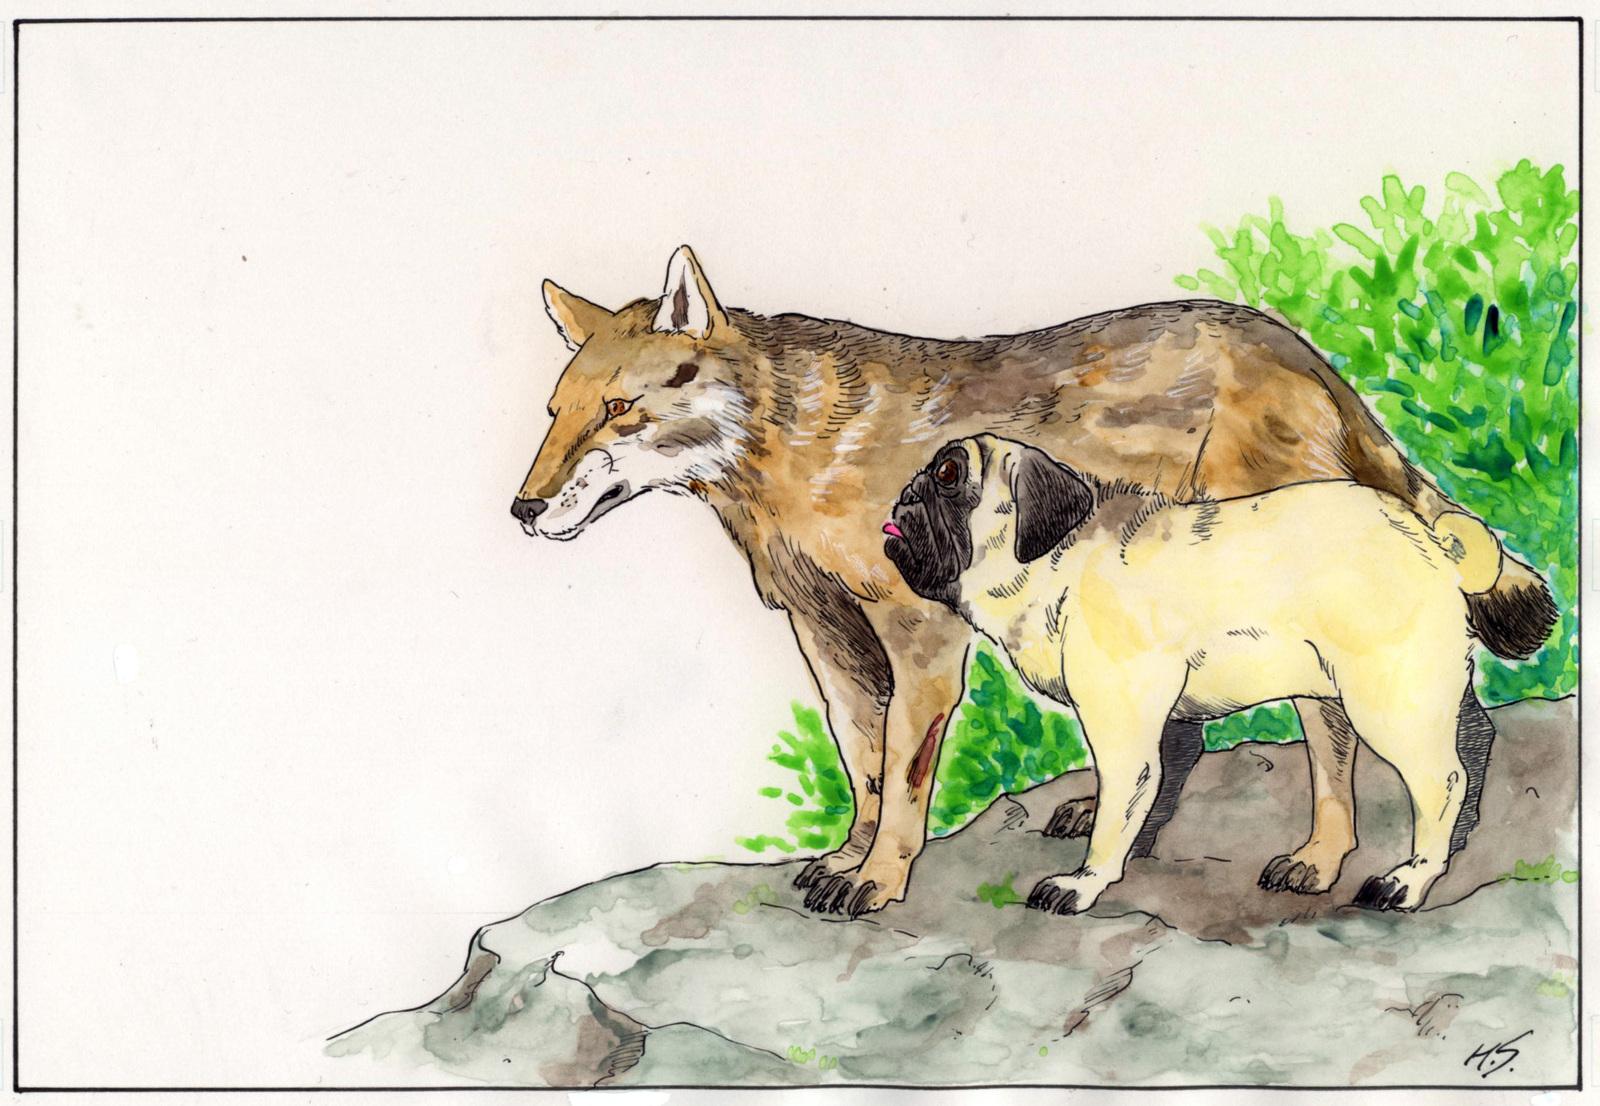 ニホンオオカミの画像 p1_35